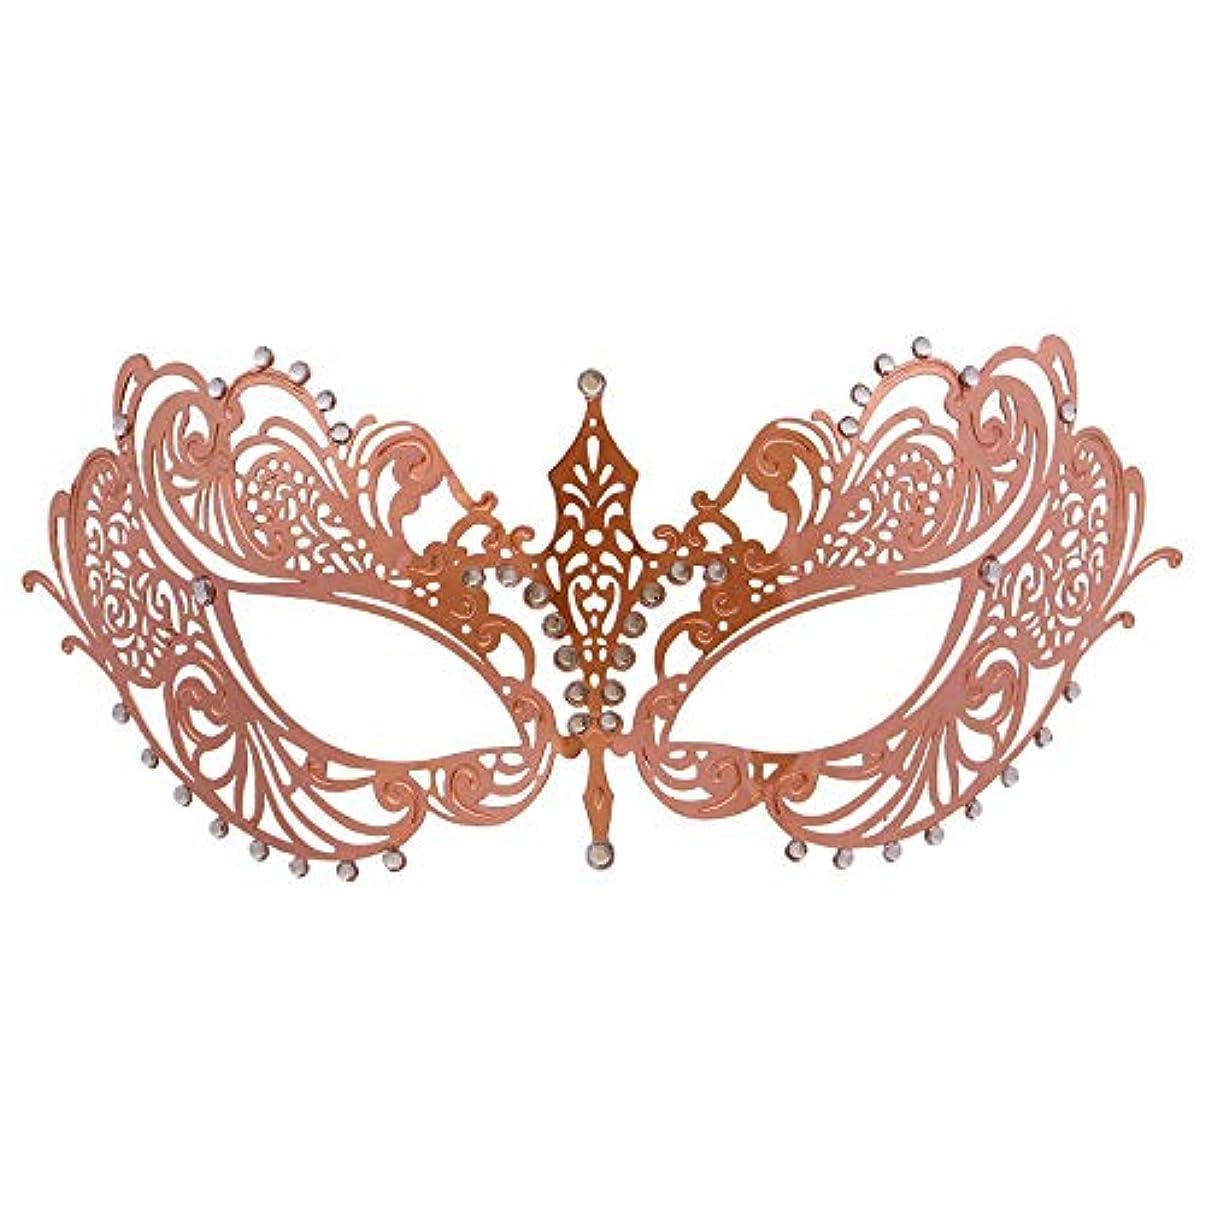 やりがいのある高揚した妥協ダンスマスク 薄い鉄ハーフフェイスローズゴールド鉄ダイヤモンドハイエンドマスクハーフフェイスマスクコスプレパーティーハロウィンマスク ホリデーパーティー用品 (色 : Rose gold, サイズ : 19x8cm)